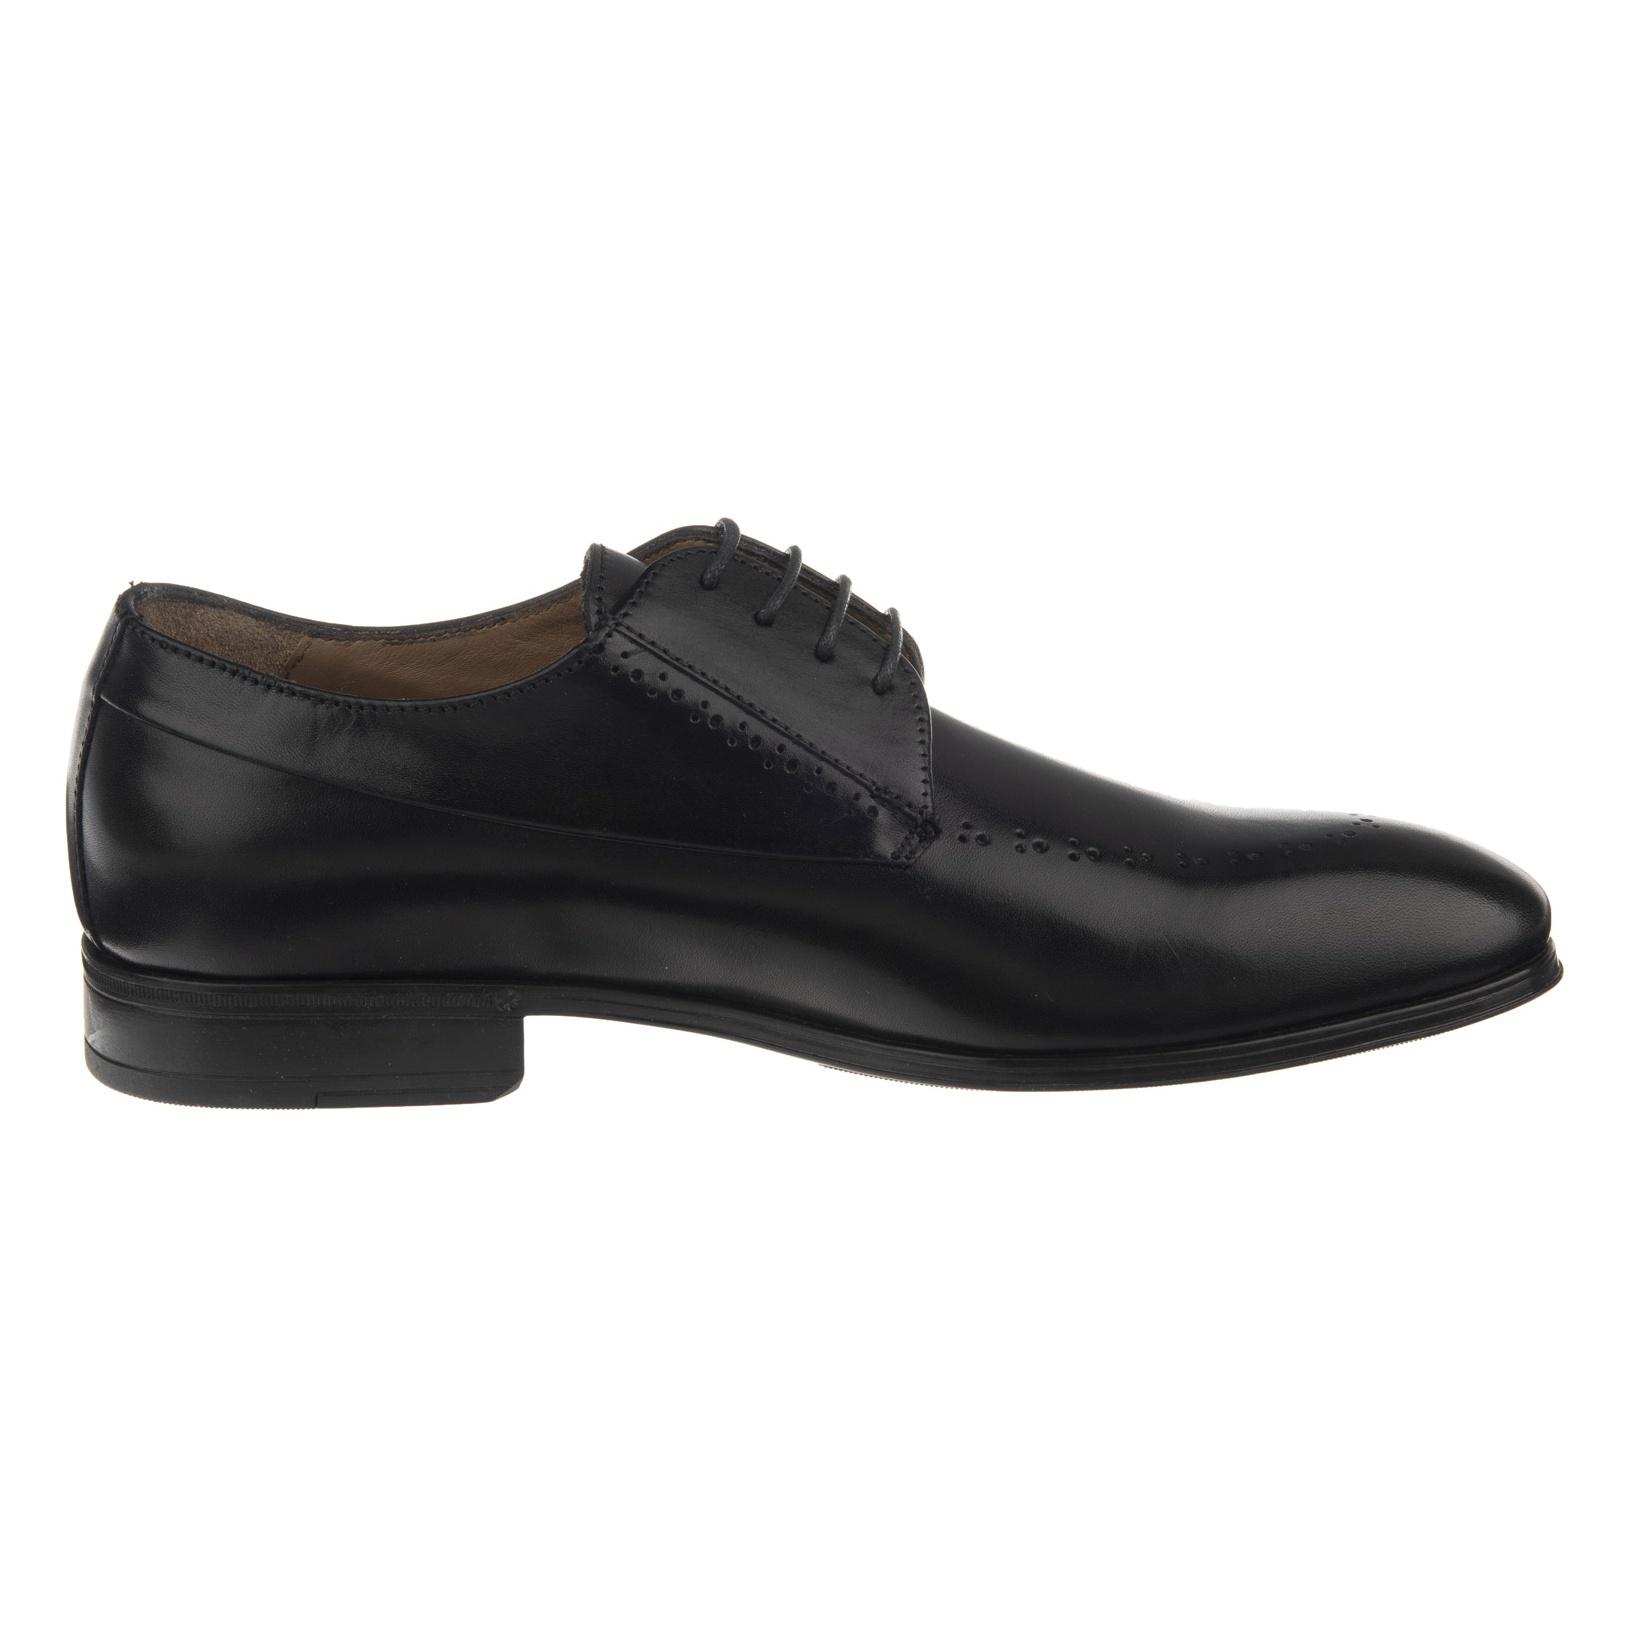 کفش مردانه گابور مدل 68.186.57